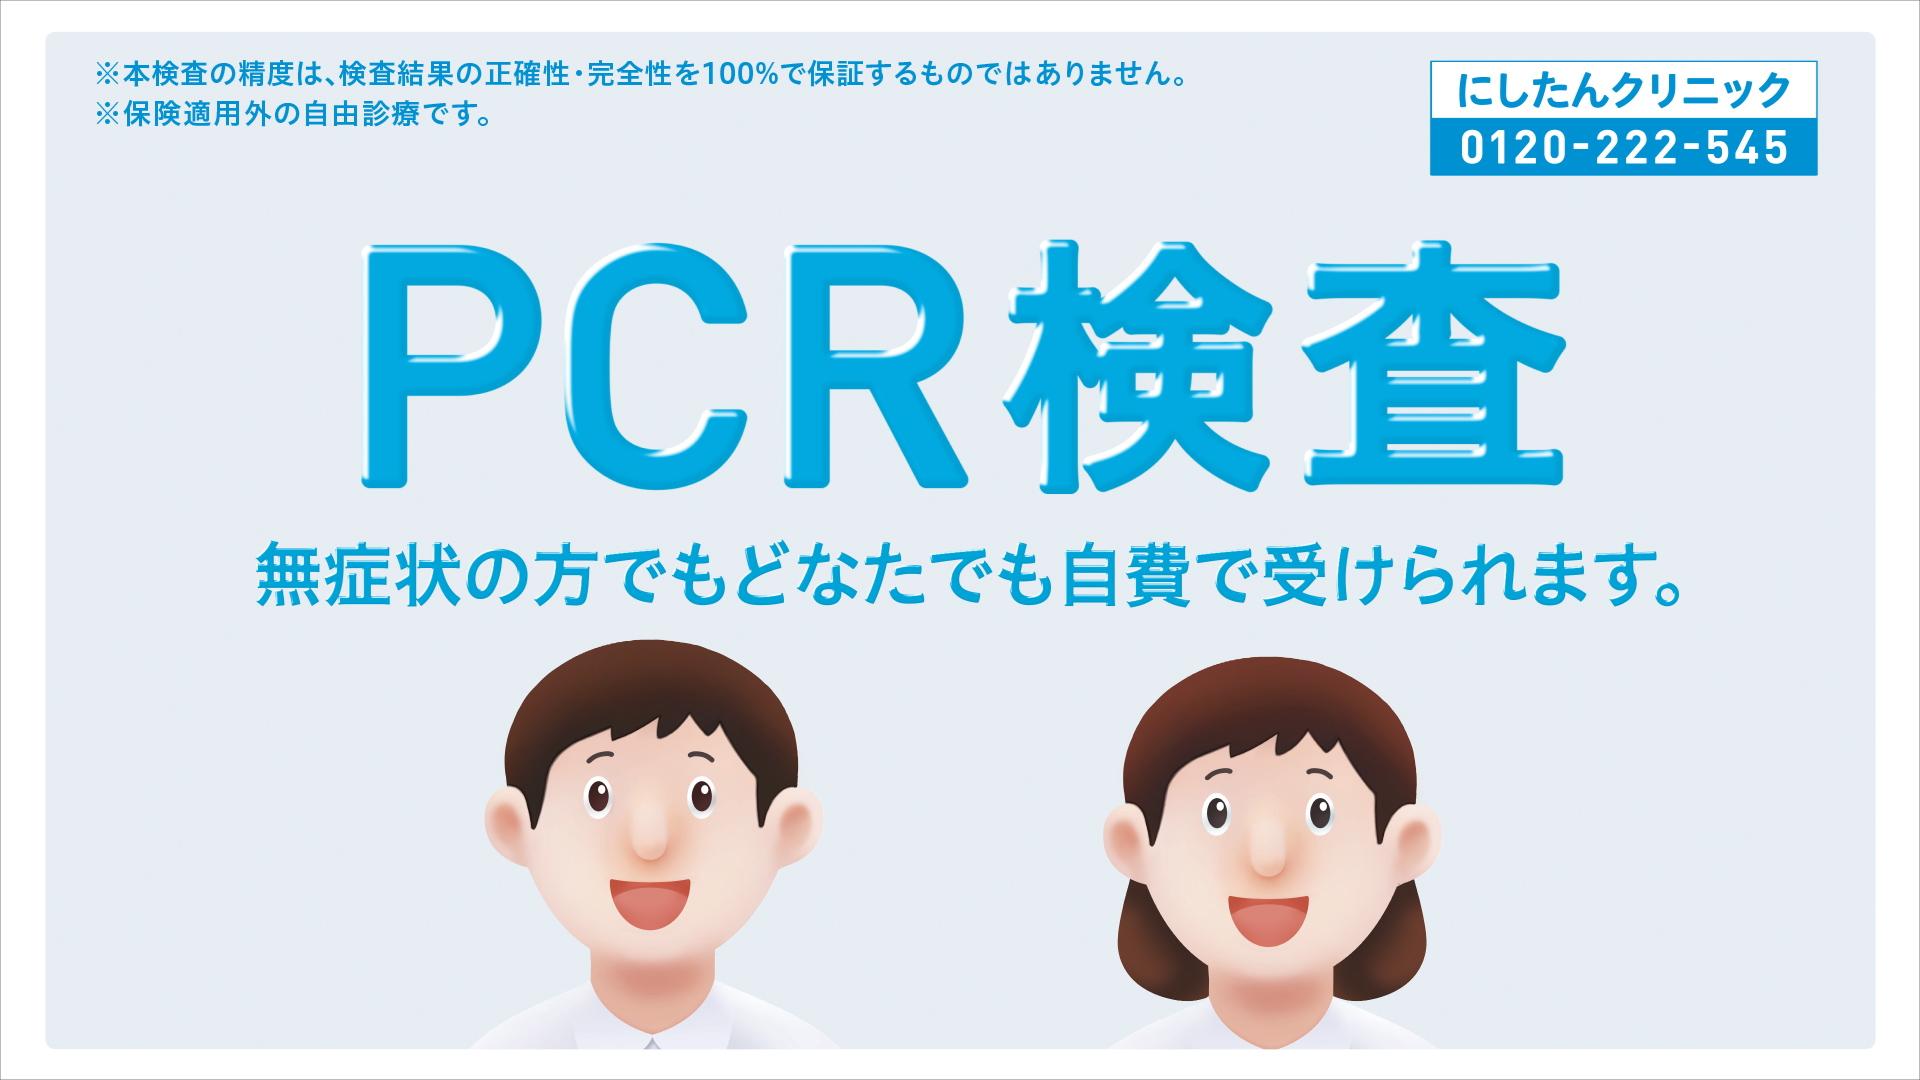 たん コロナ 症状 新型コロナウィルスの特徴は鼻水が出ない咳。現場に入った日本人医師の報告:症状に鼻水と痰が出る場合、新型コロナウイルス肺炎だと結論付けることはできない。 鼻水の有無が識別する最も簡単な方法。